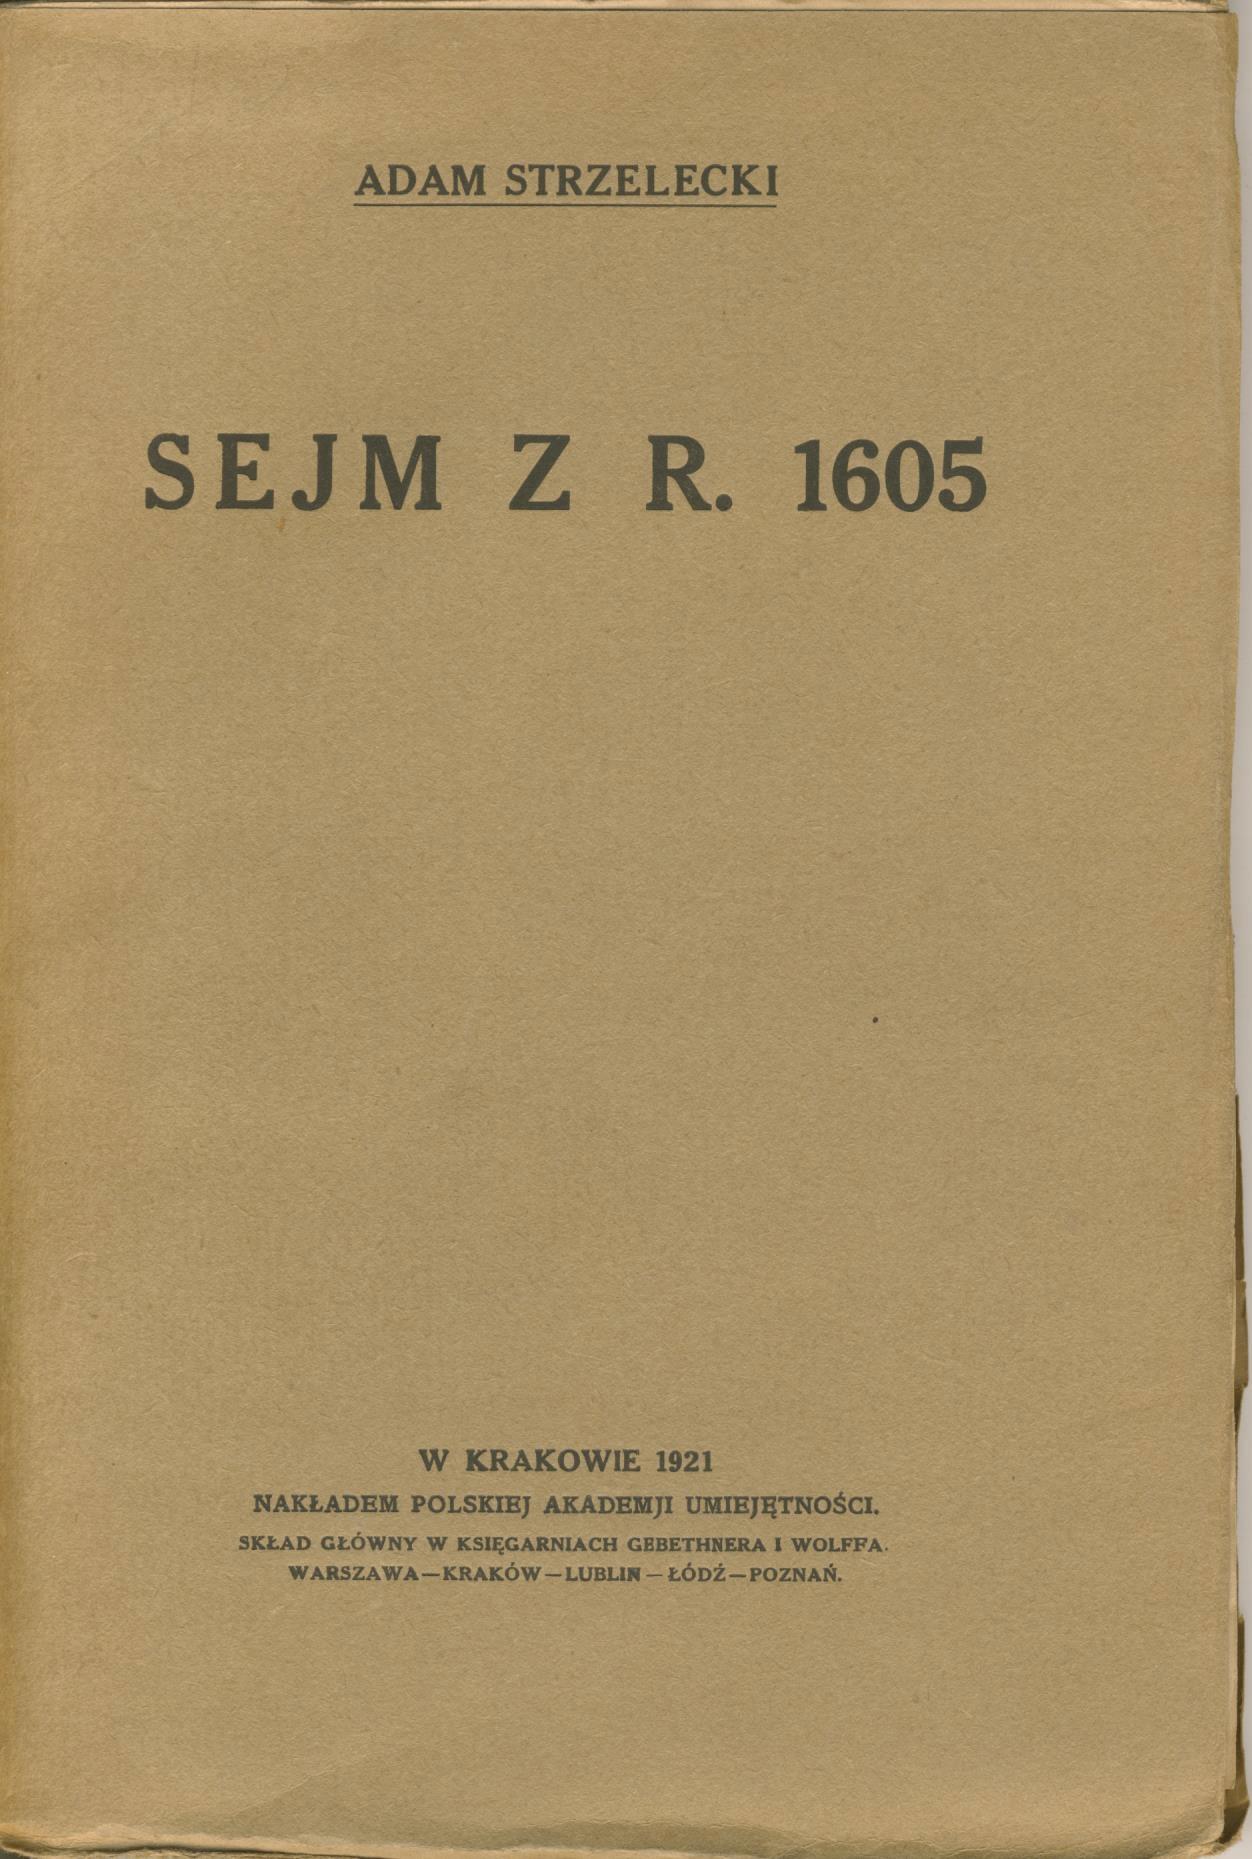 Zygmunt III, Zamojski, Sejm w 1605 roku